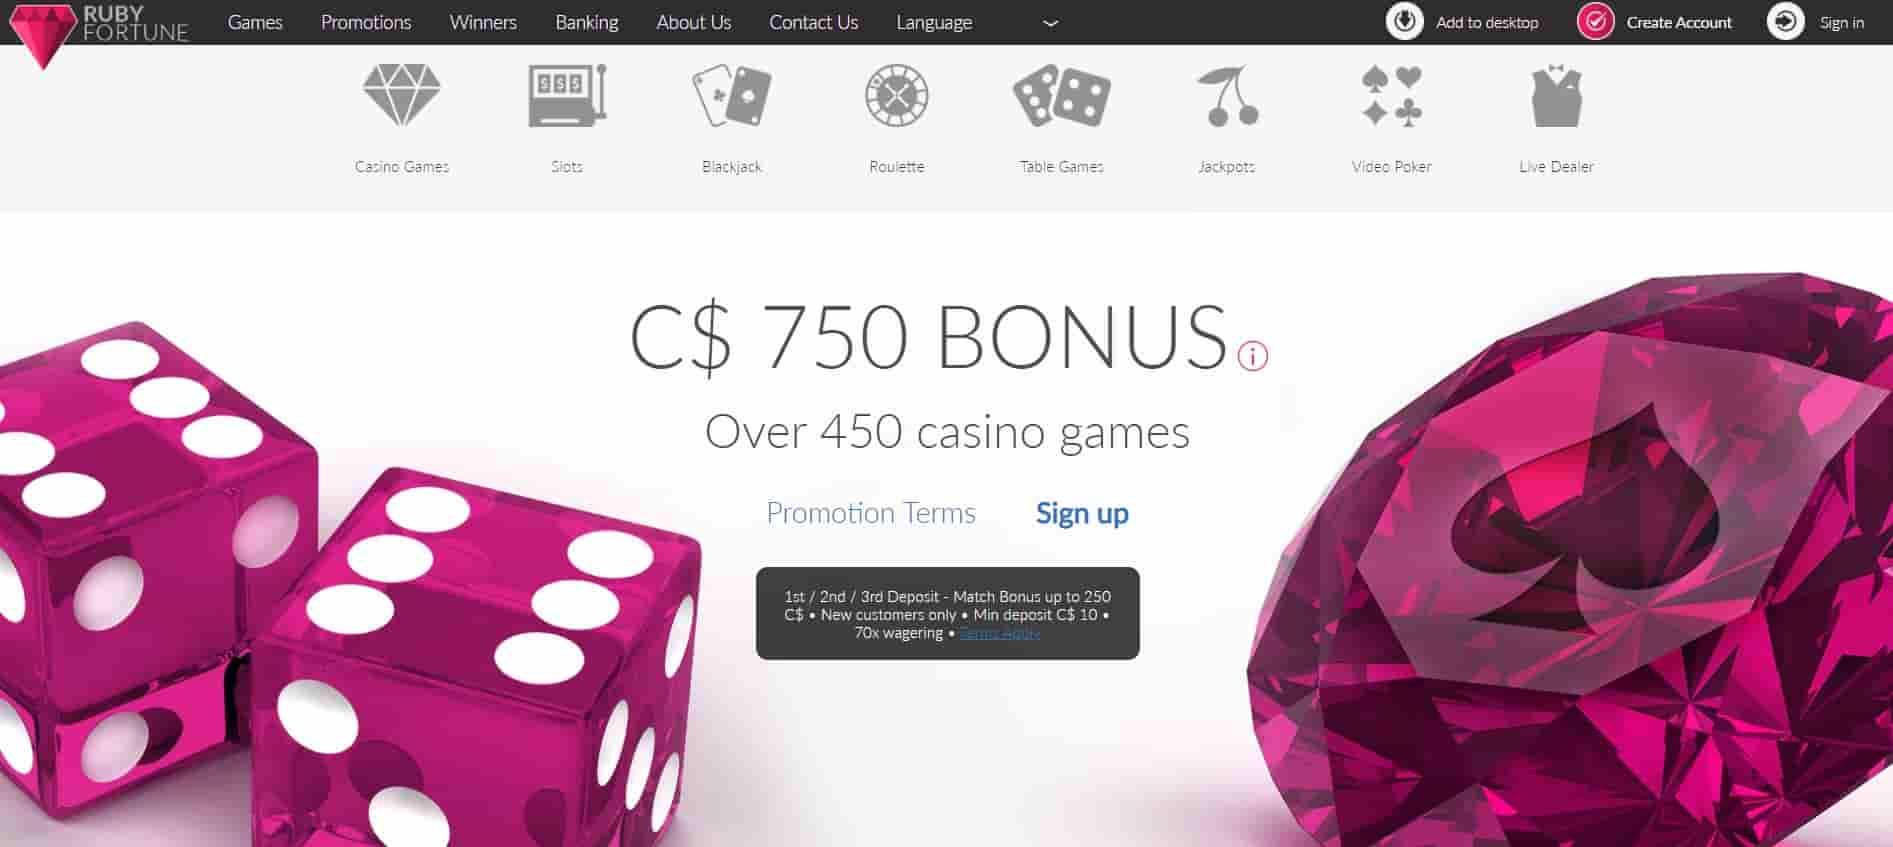 RubyFortune Bonus